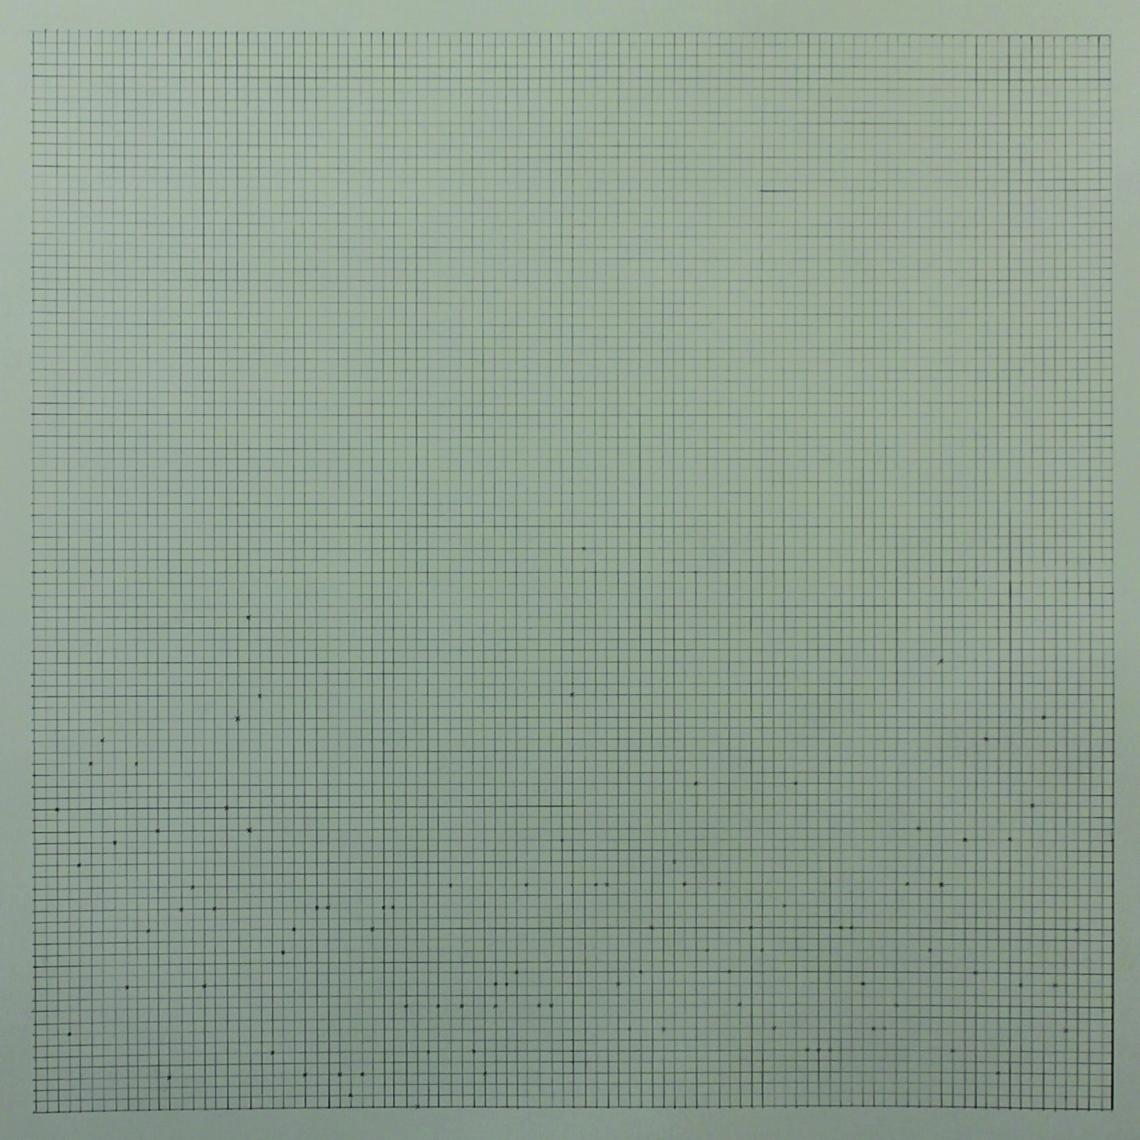 graph 1 crop